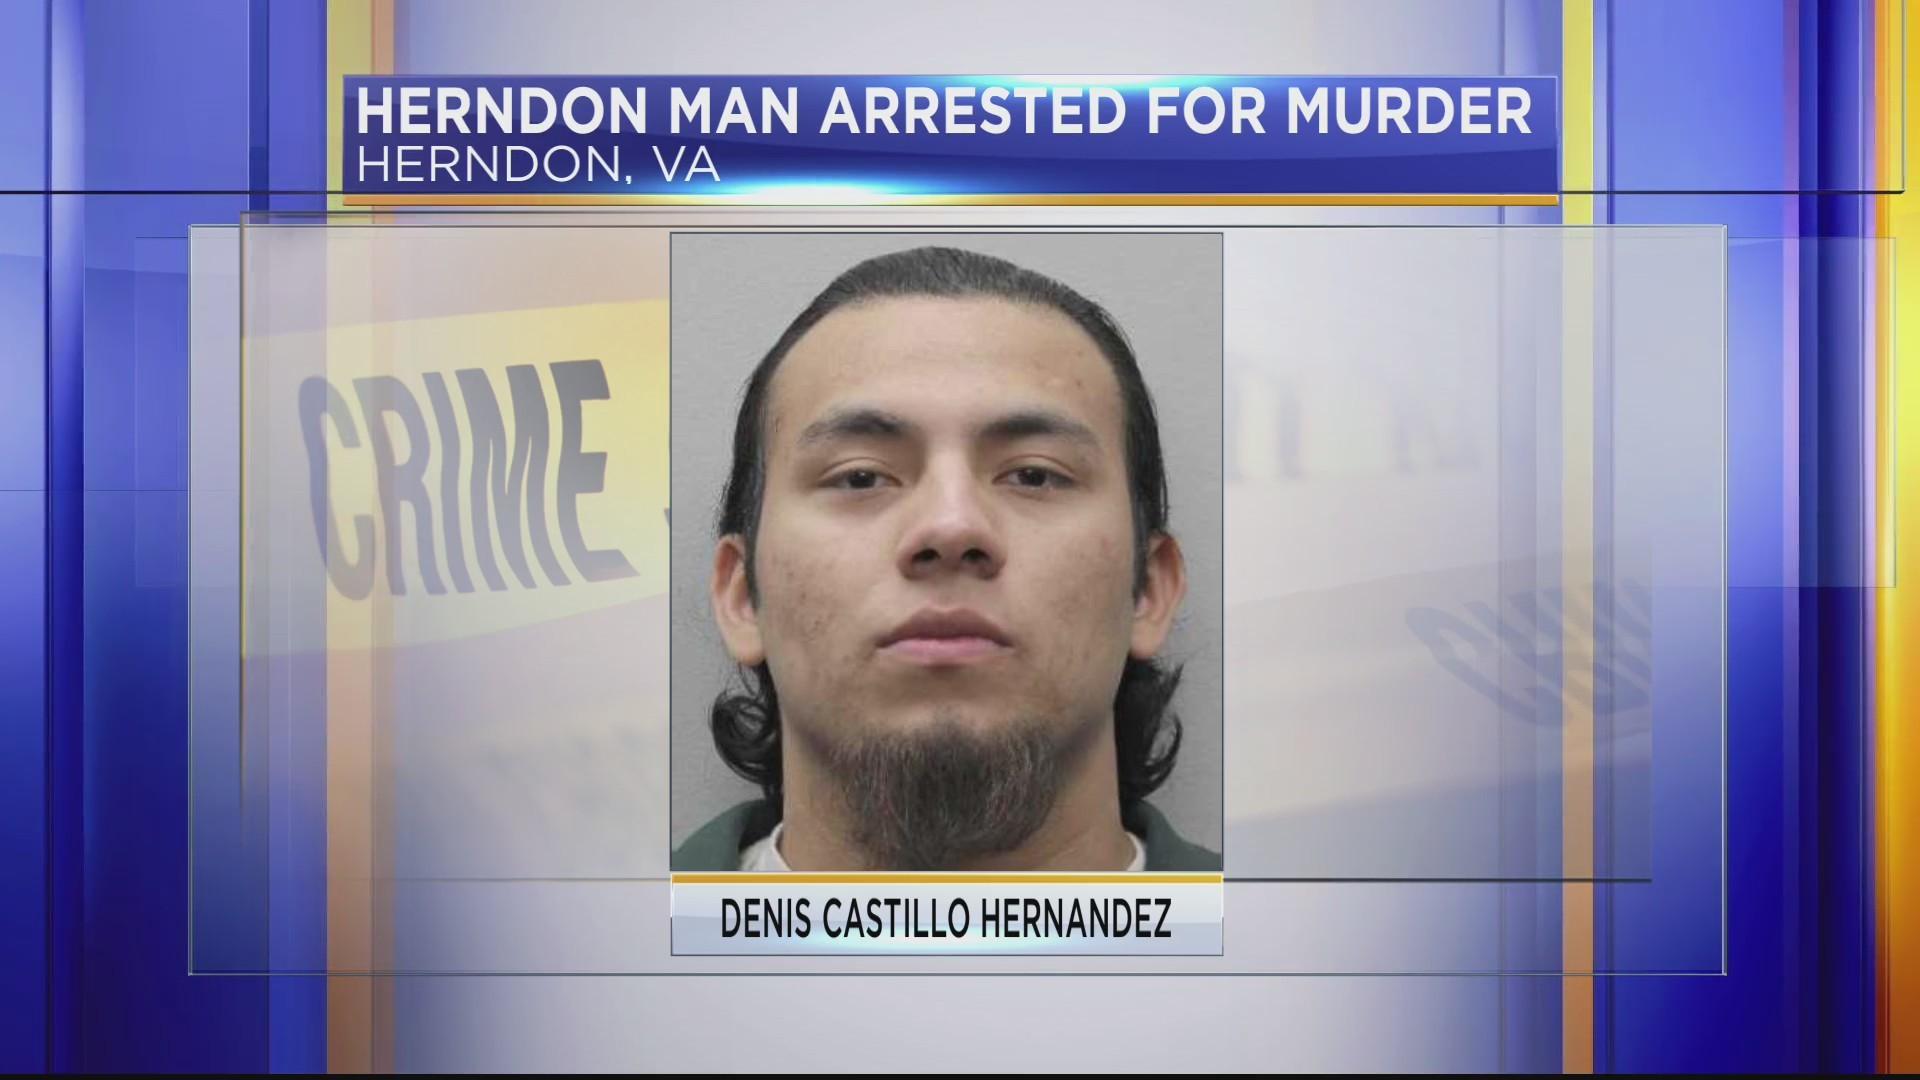 Herndon_man_arrested_for_murder_0_20181127222110